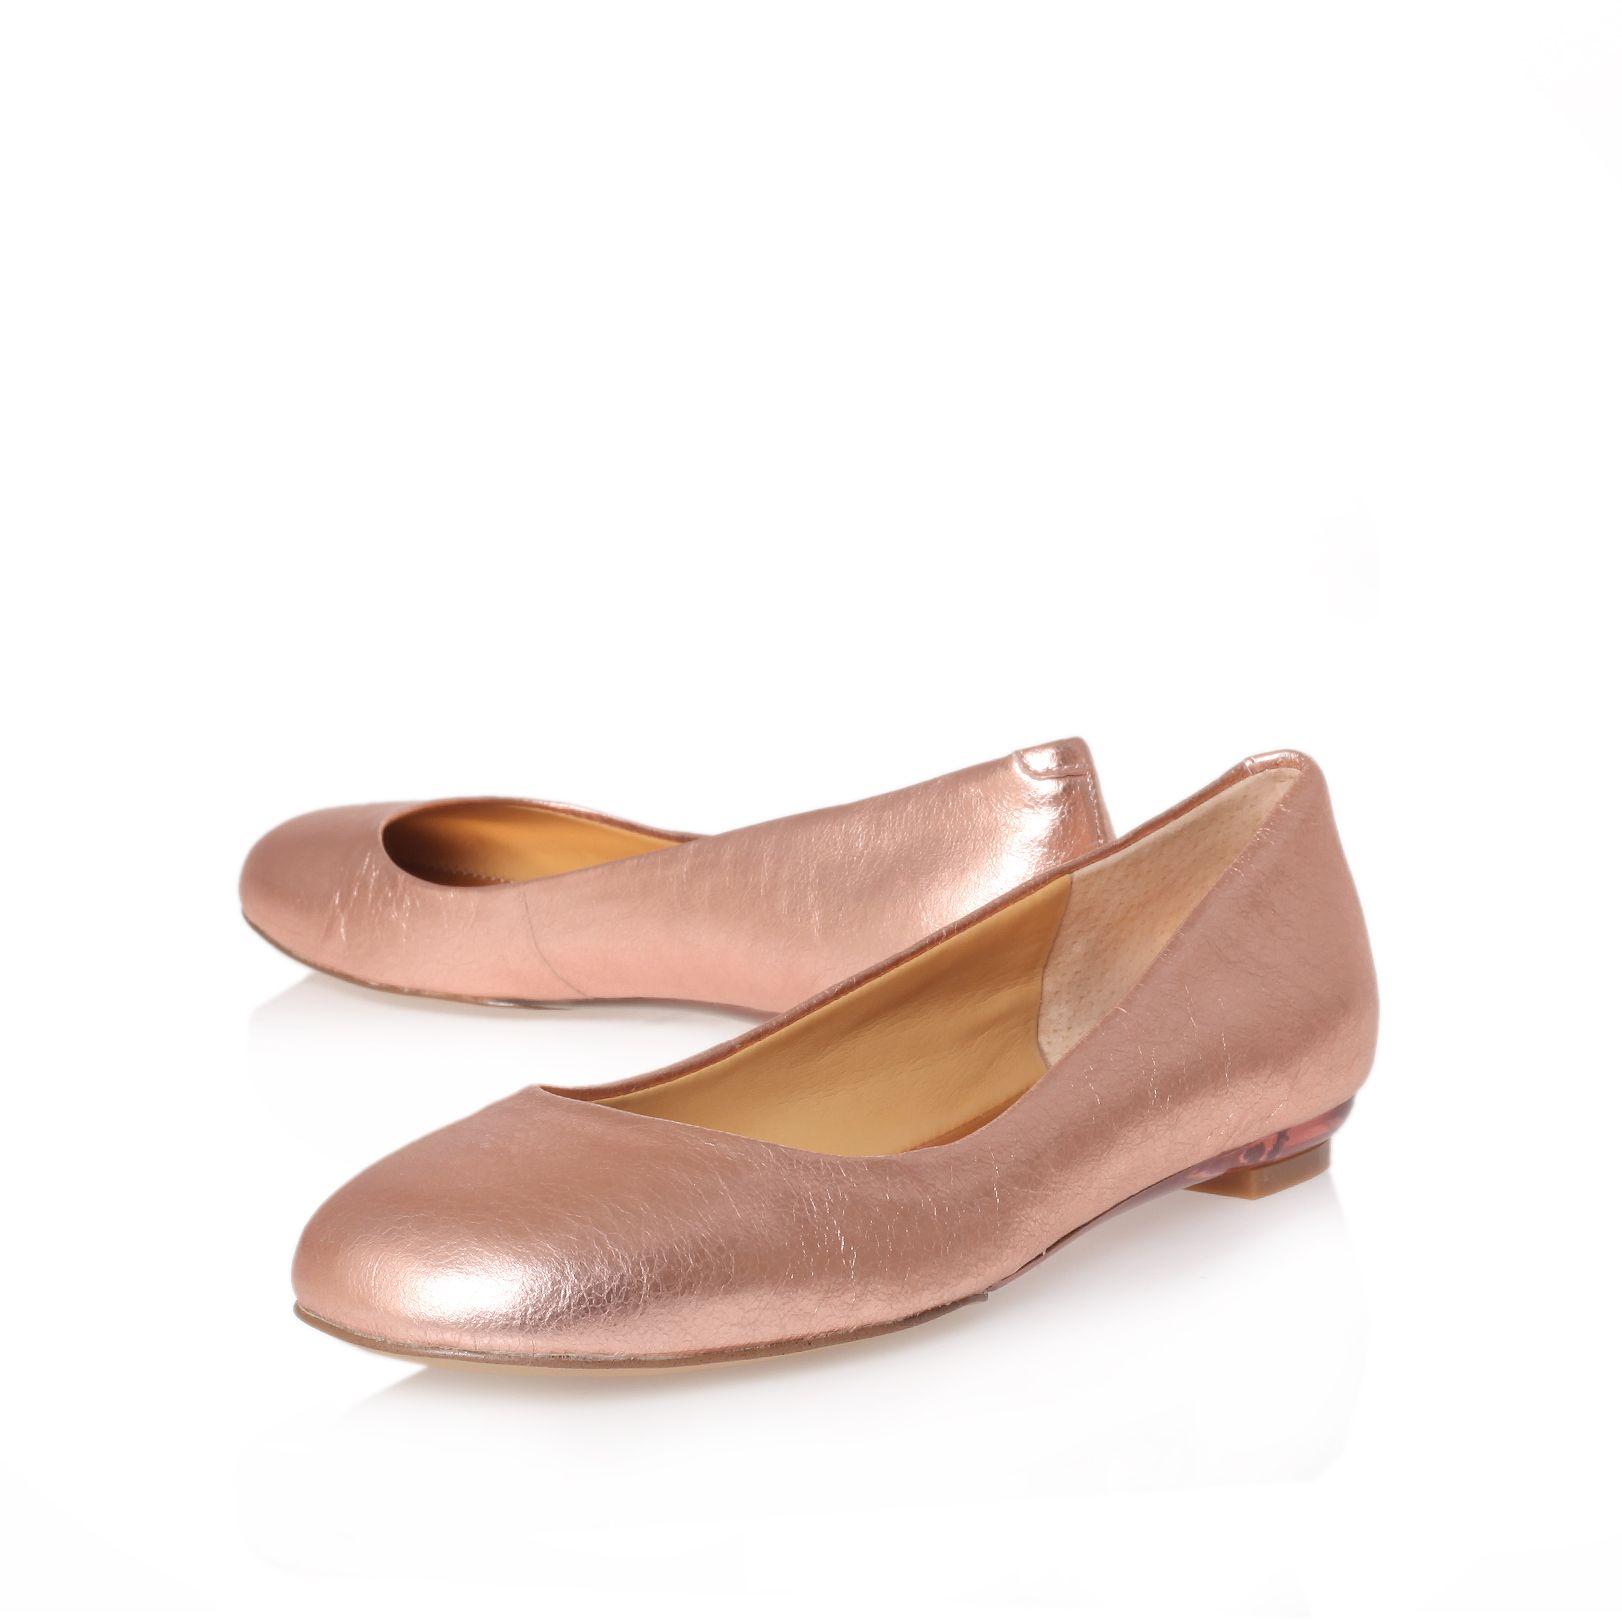 Nine West Shoes Uk